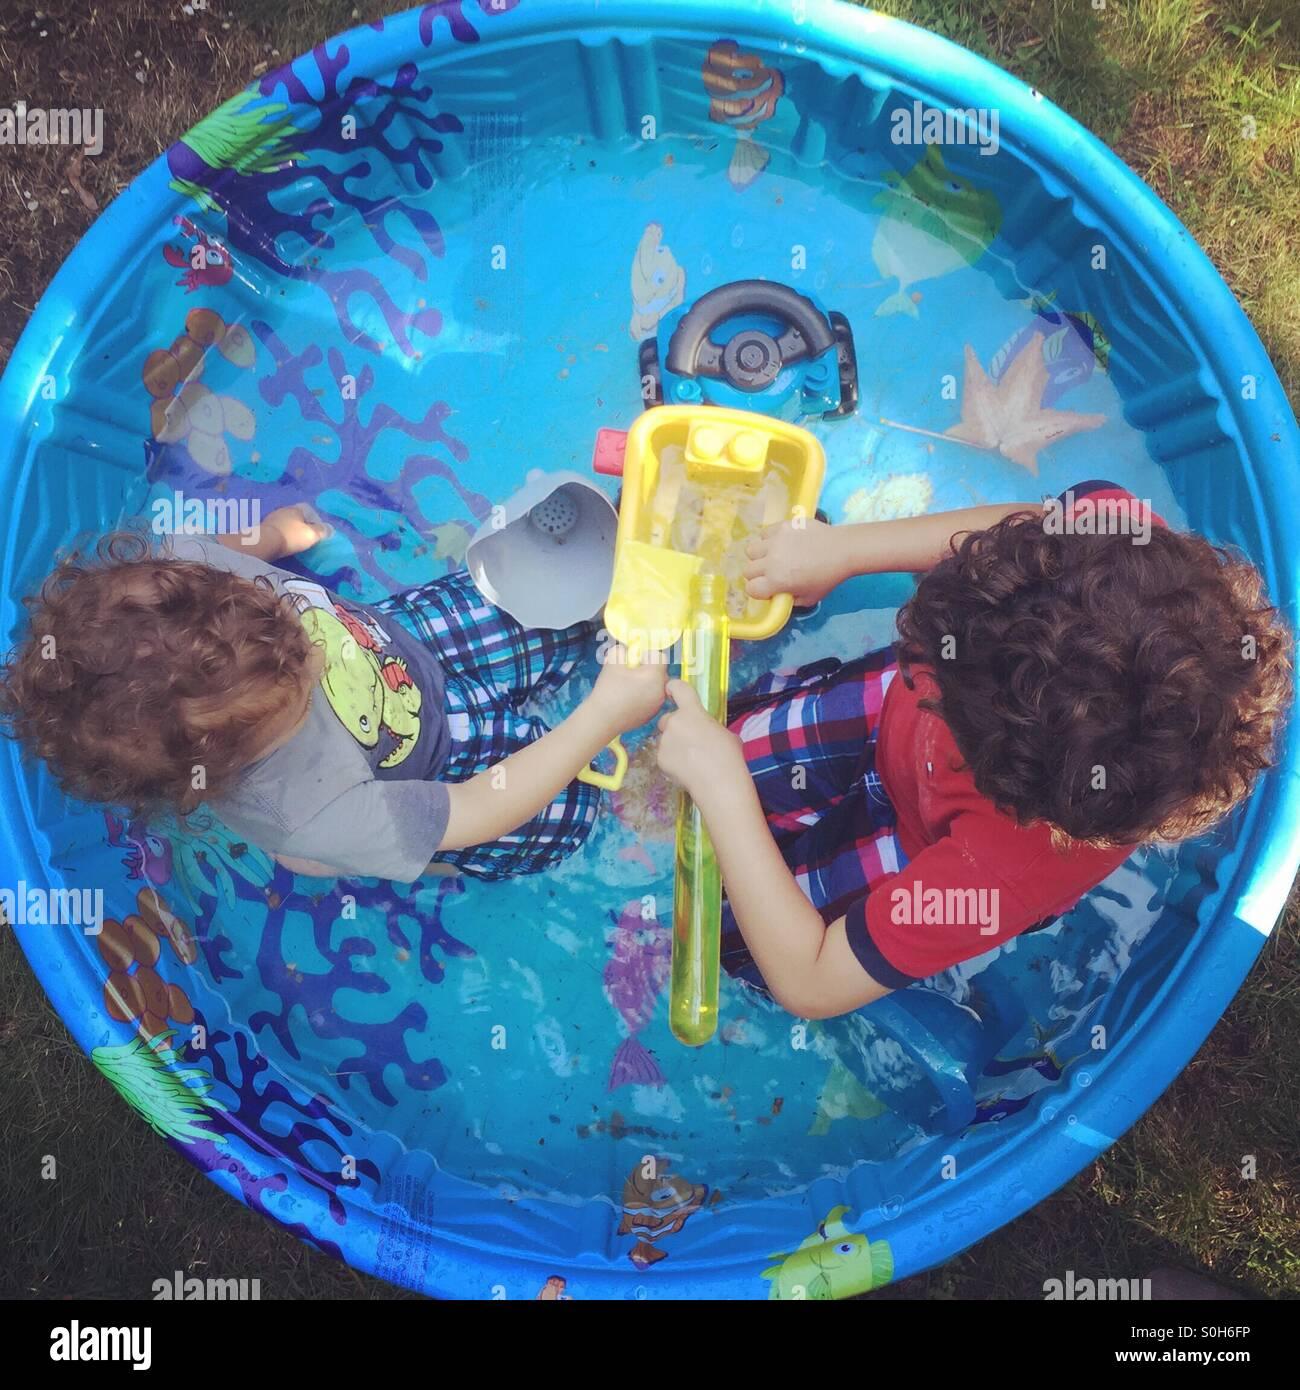 Frères dans la piscine pour enfants Photo Stock